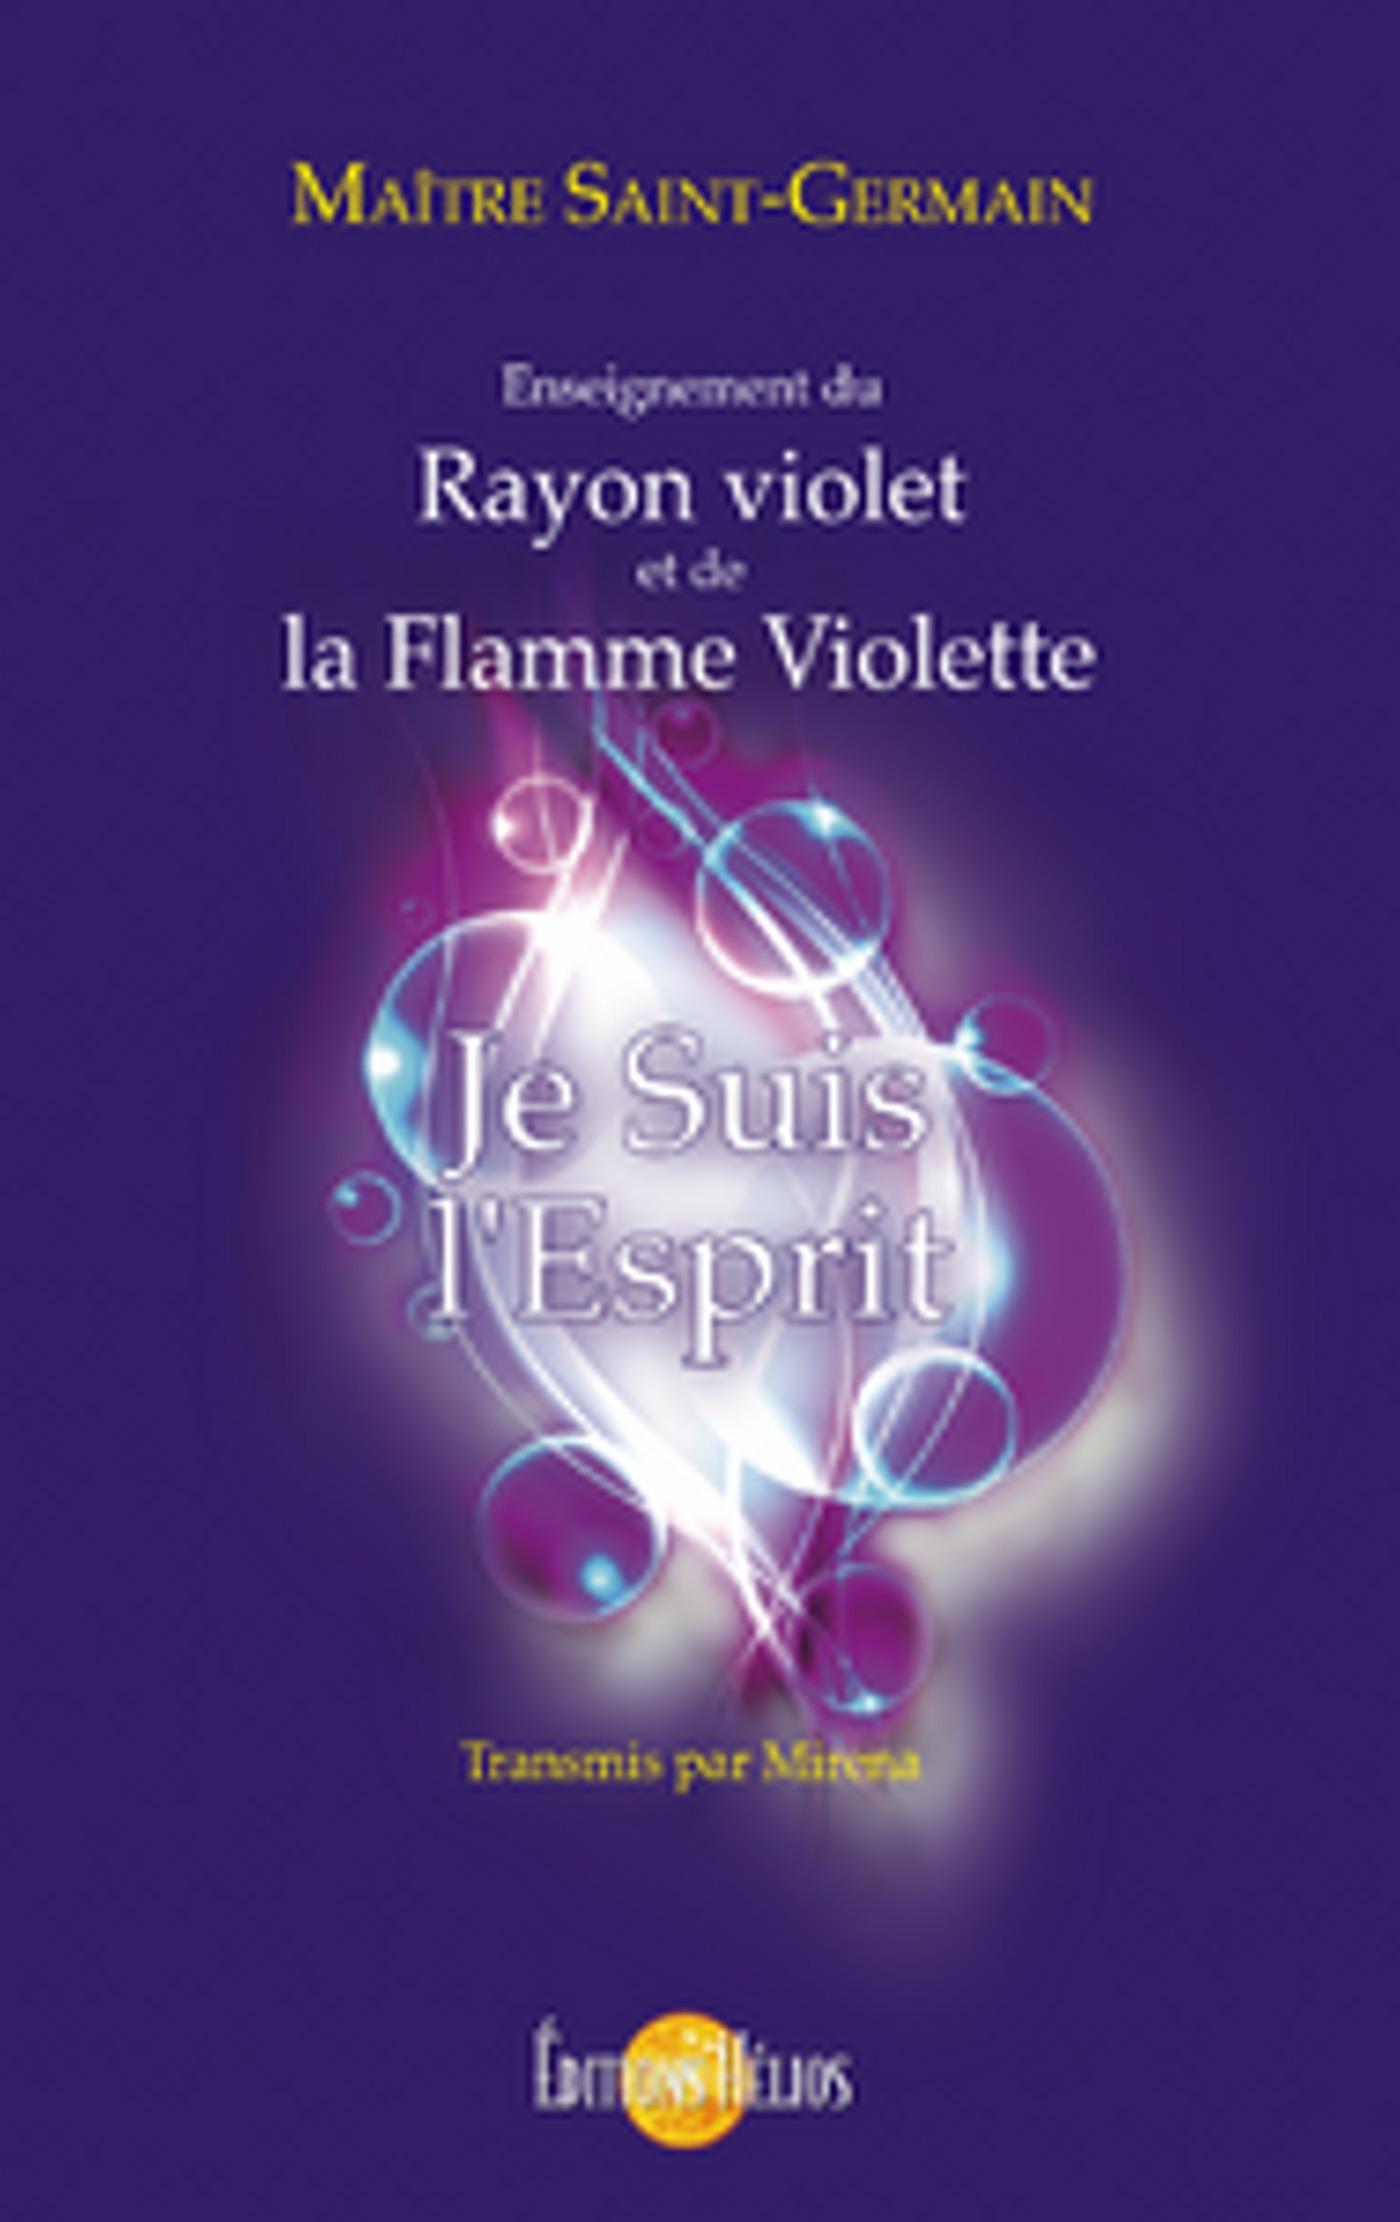 Je suis l'esprit ; enseignement du rayon violet et de la flamme violette